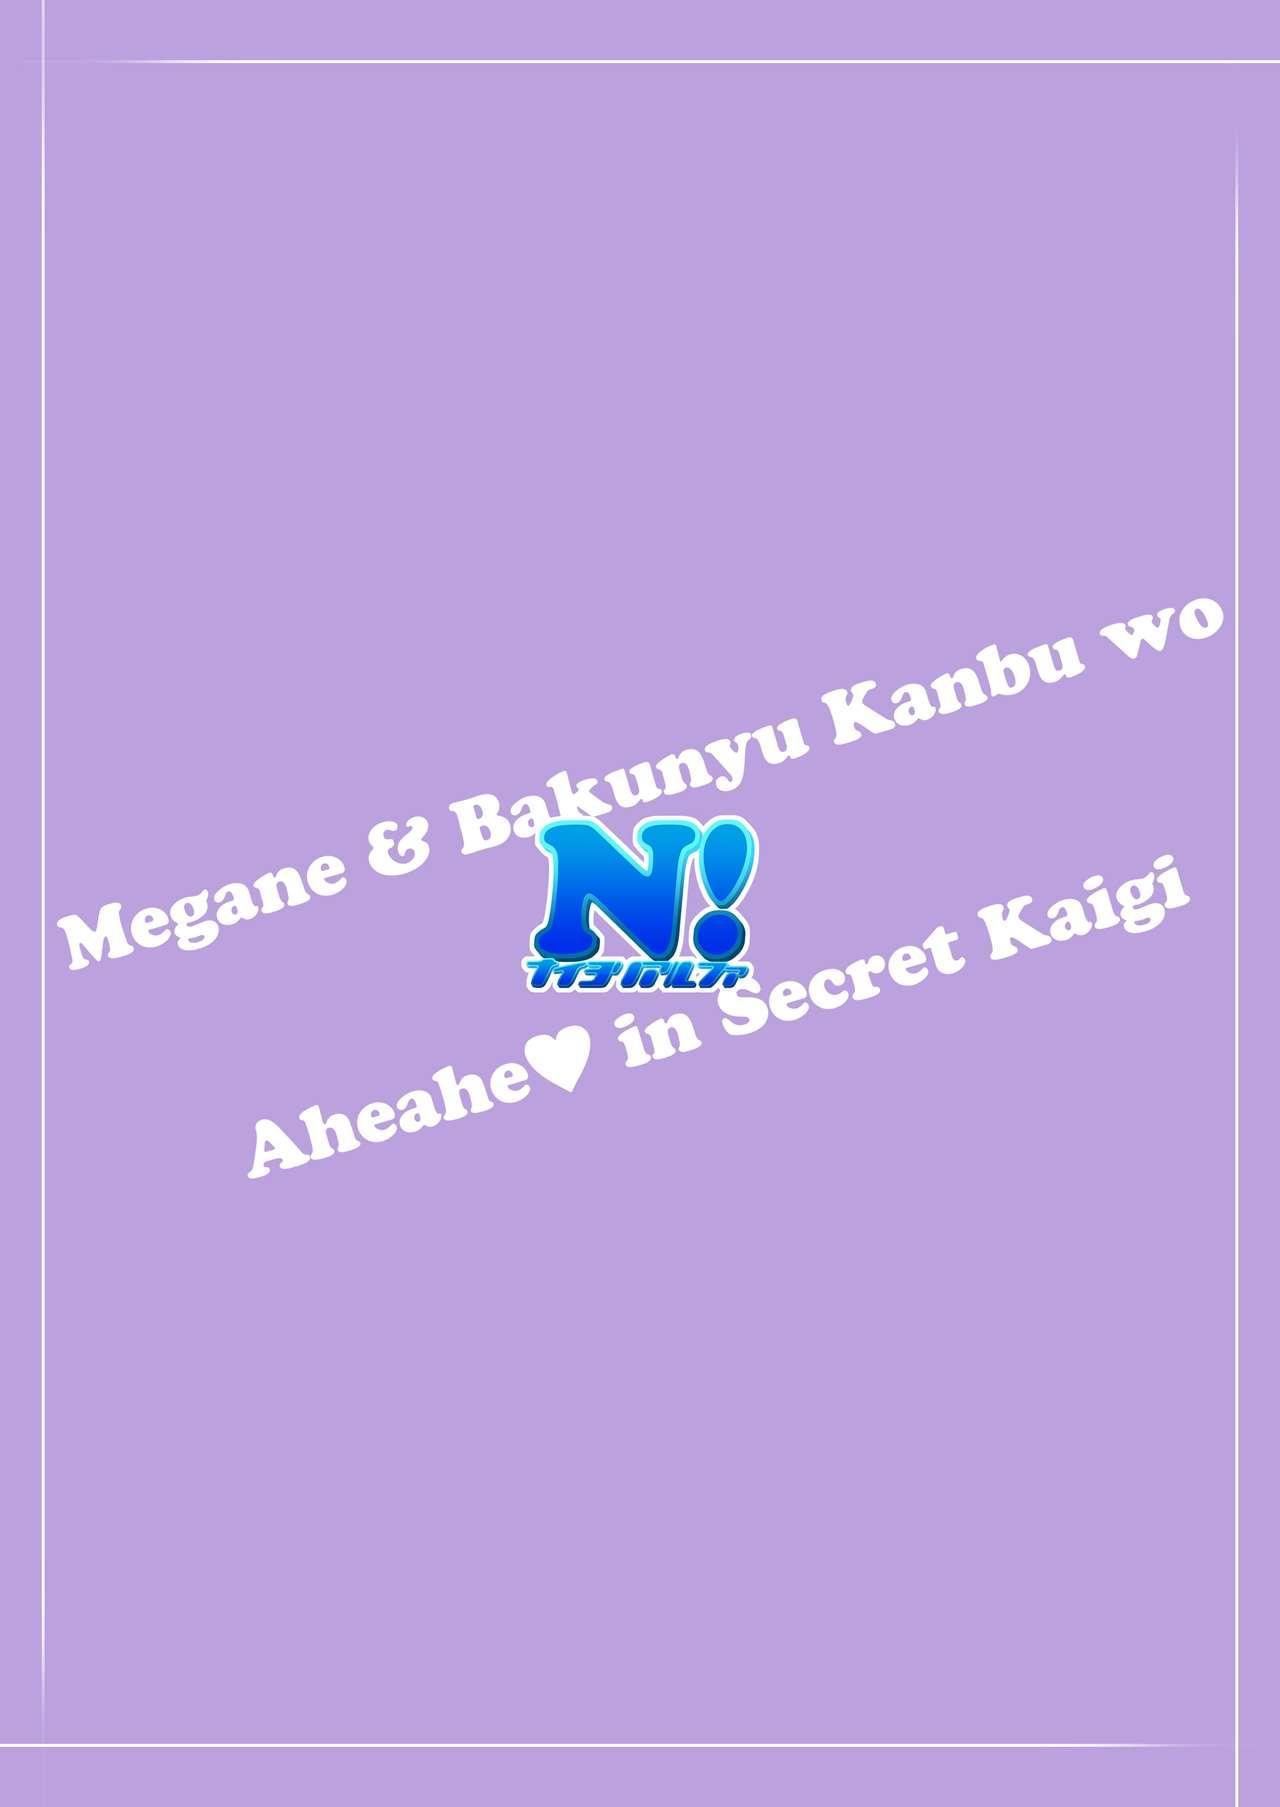 Megane de Bakunyuu no Kanbu o Himitsu Kaigi de Aheahe 19